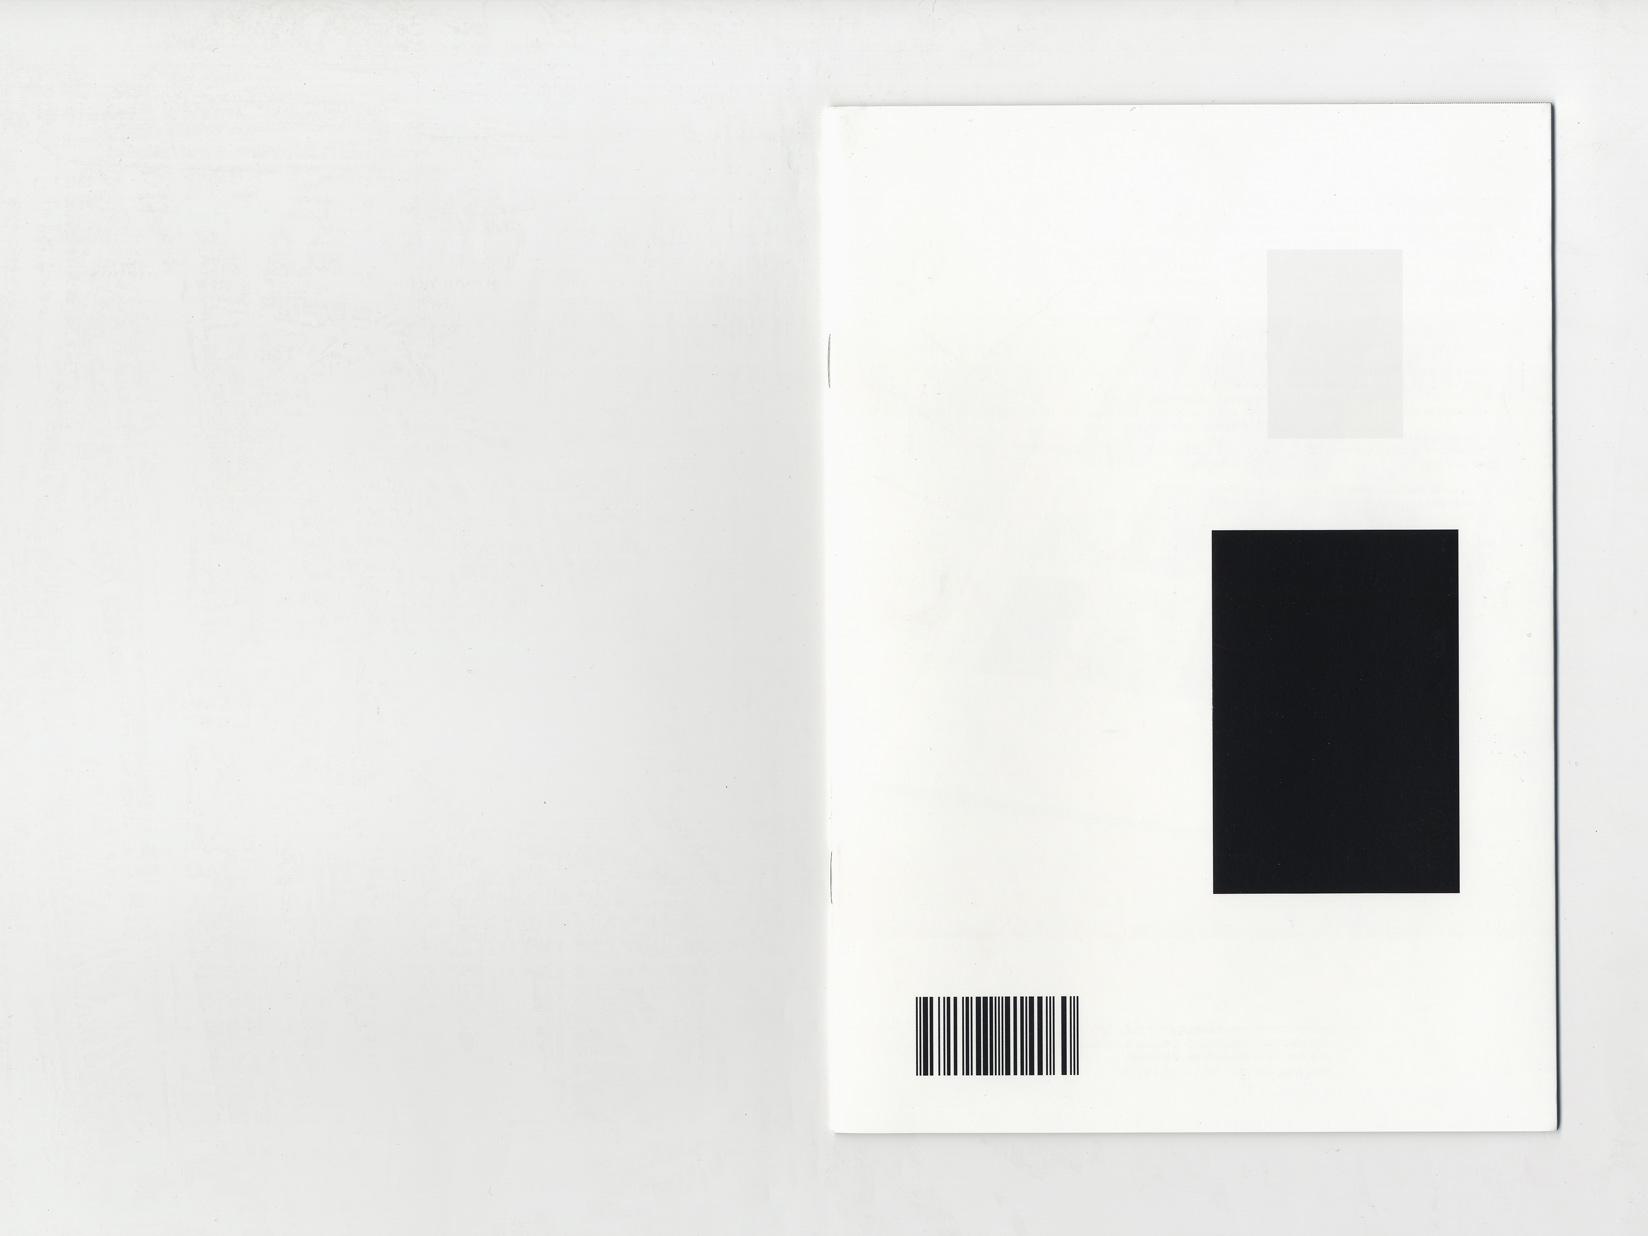 bensonbook04-0